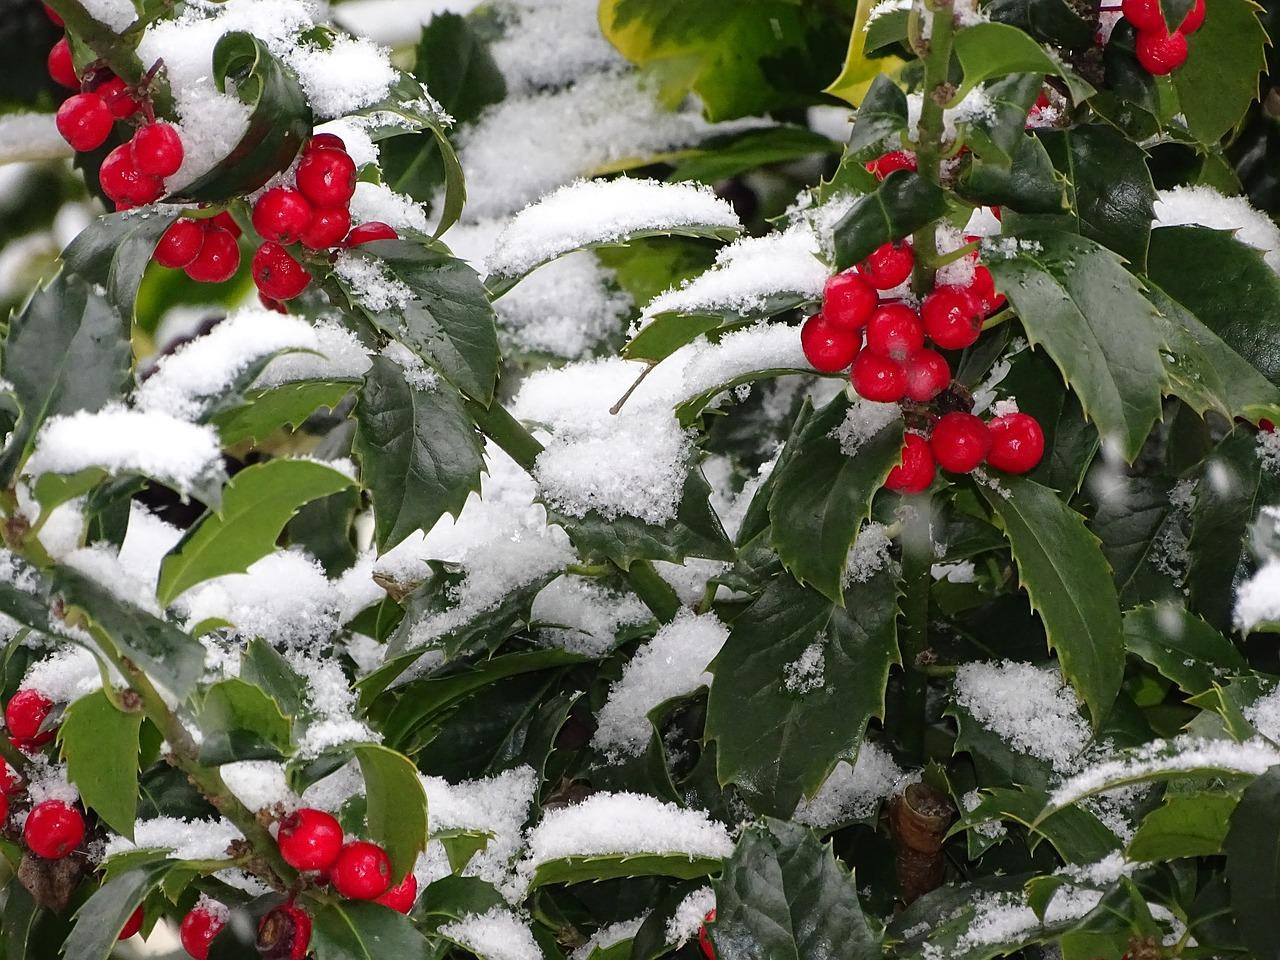 【文史】冬至雪中冬青香 天上人間仙侶隱